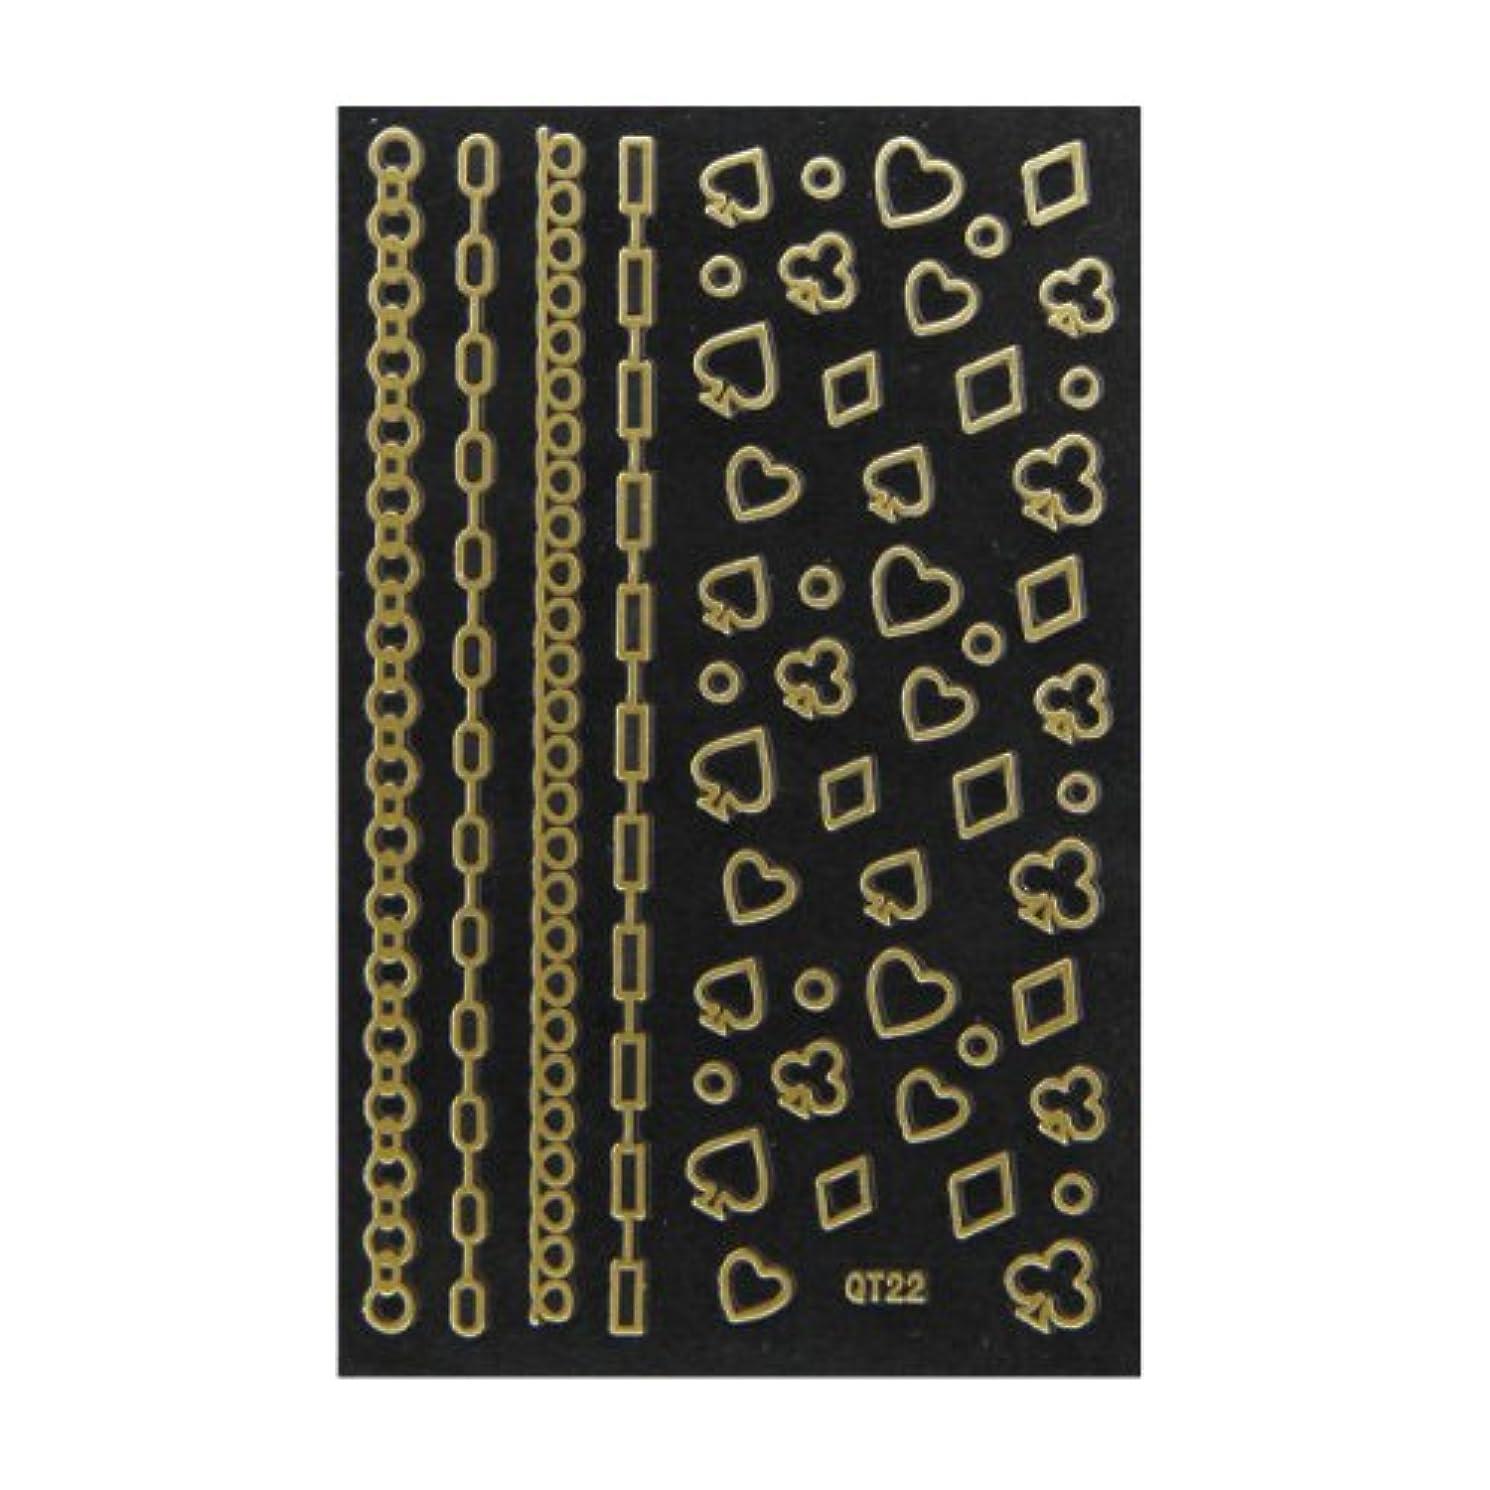 口頭気まぐれな取り替えるネイルシール 3D ネイルシート ファッションネイル メタリックシール22 (ネイル用品)